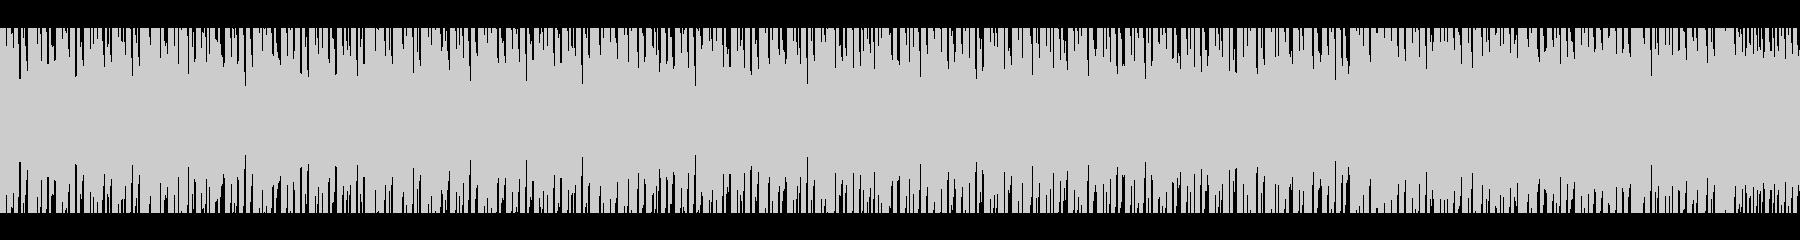 熱帯の夏(ループ)の未再生の波形